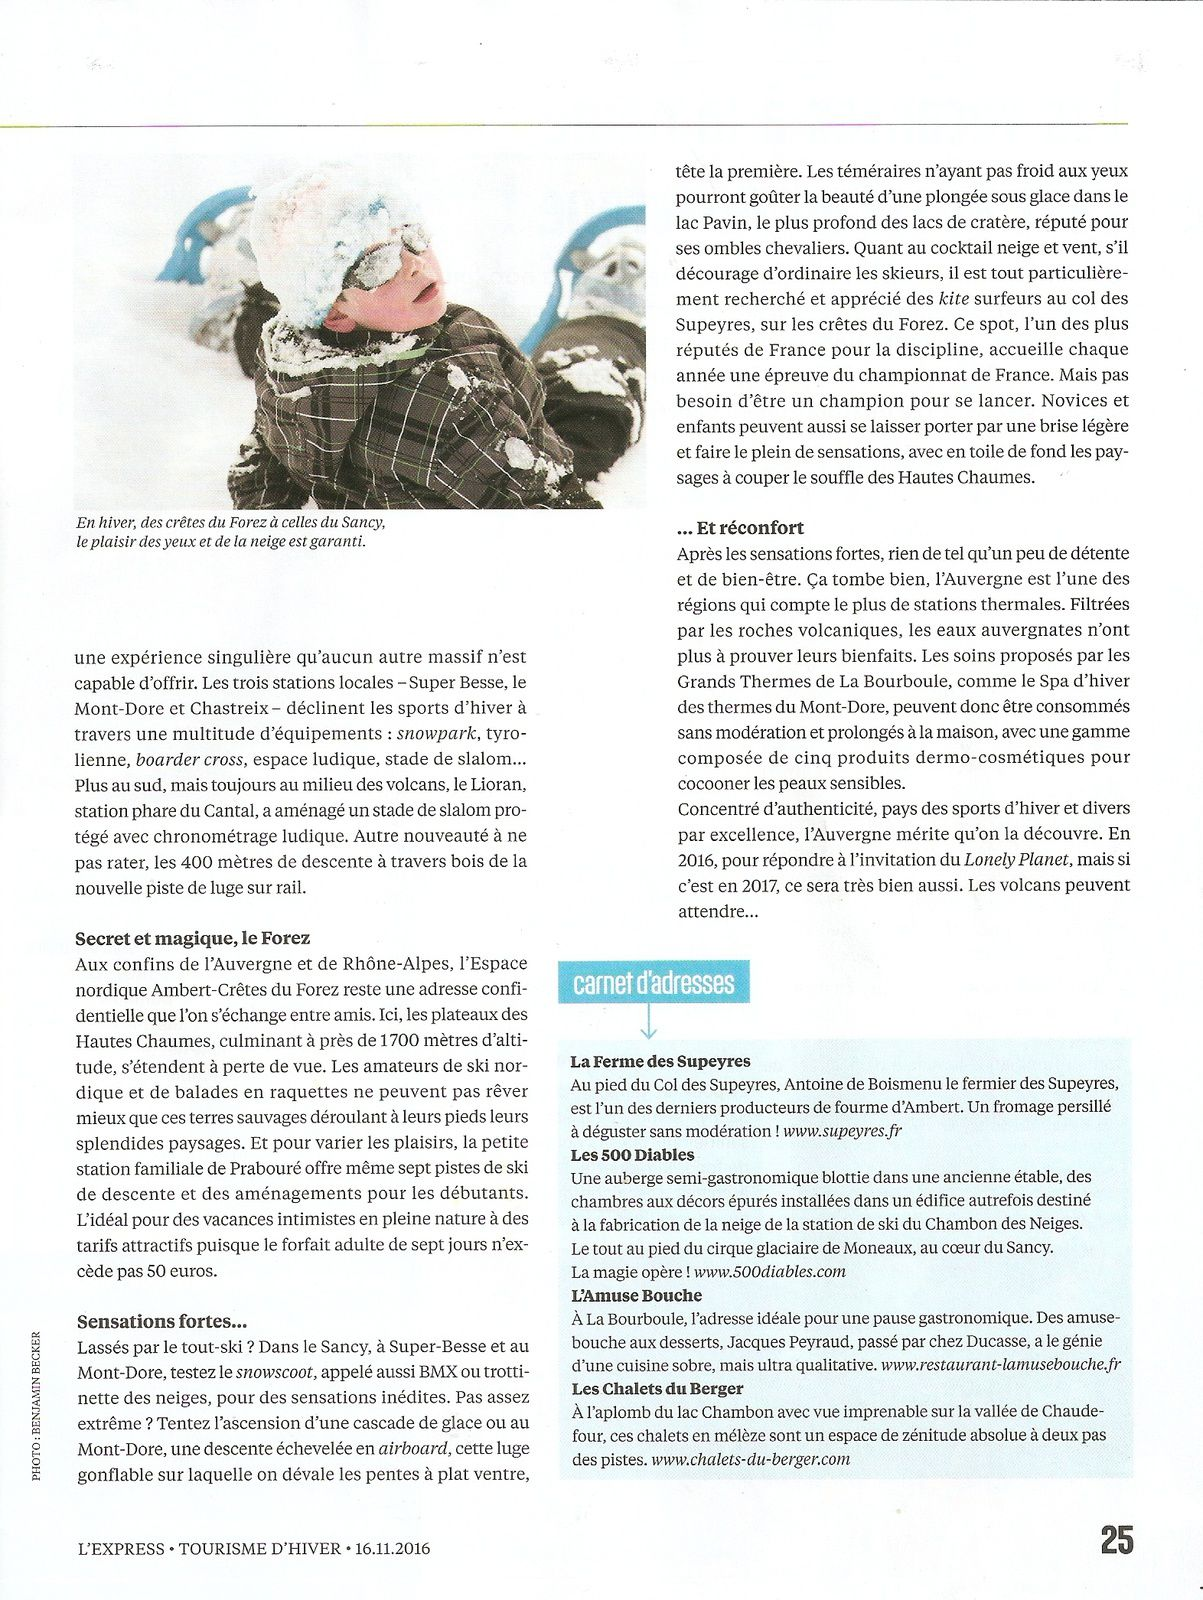 L'Express hiver 2016-2017